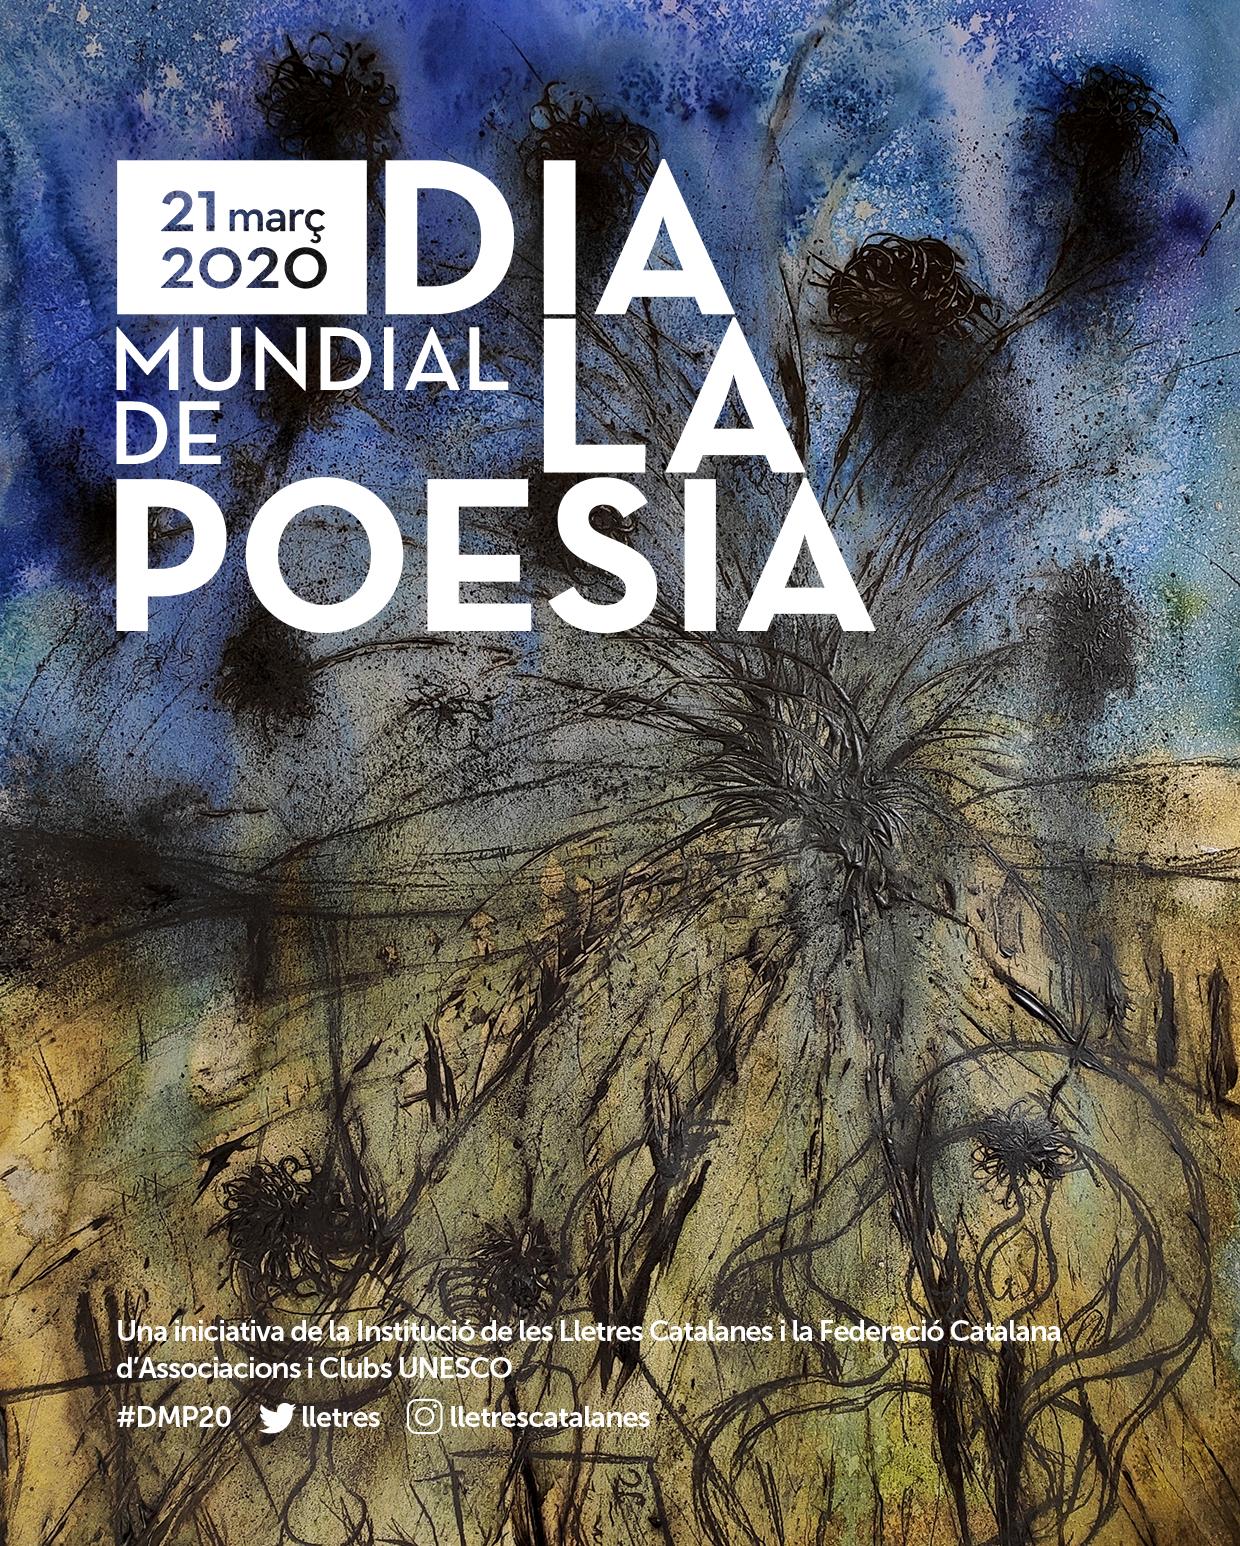 Resultado de imagen para dia mundial de la poesia 2020